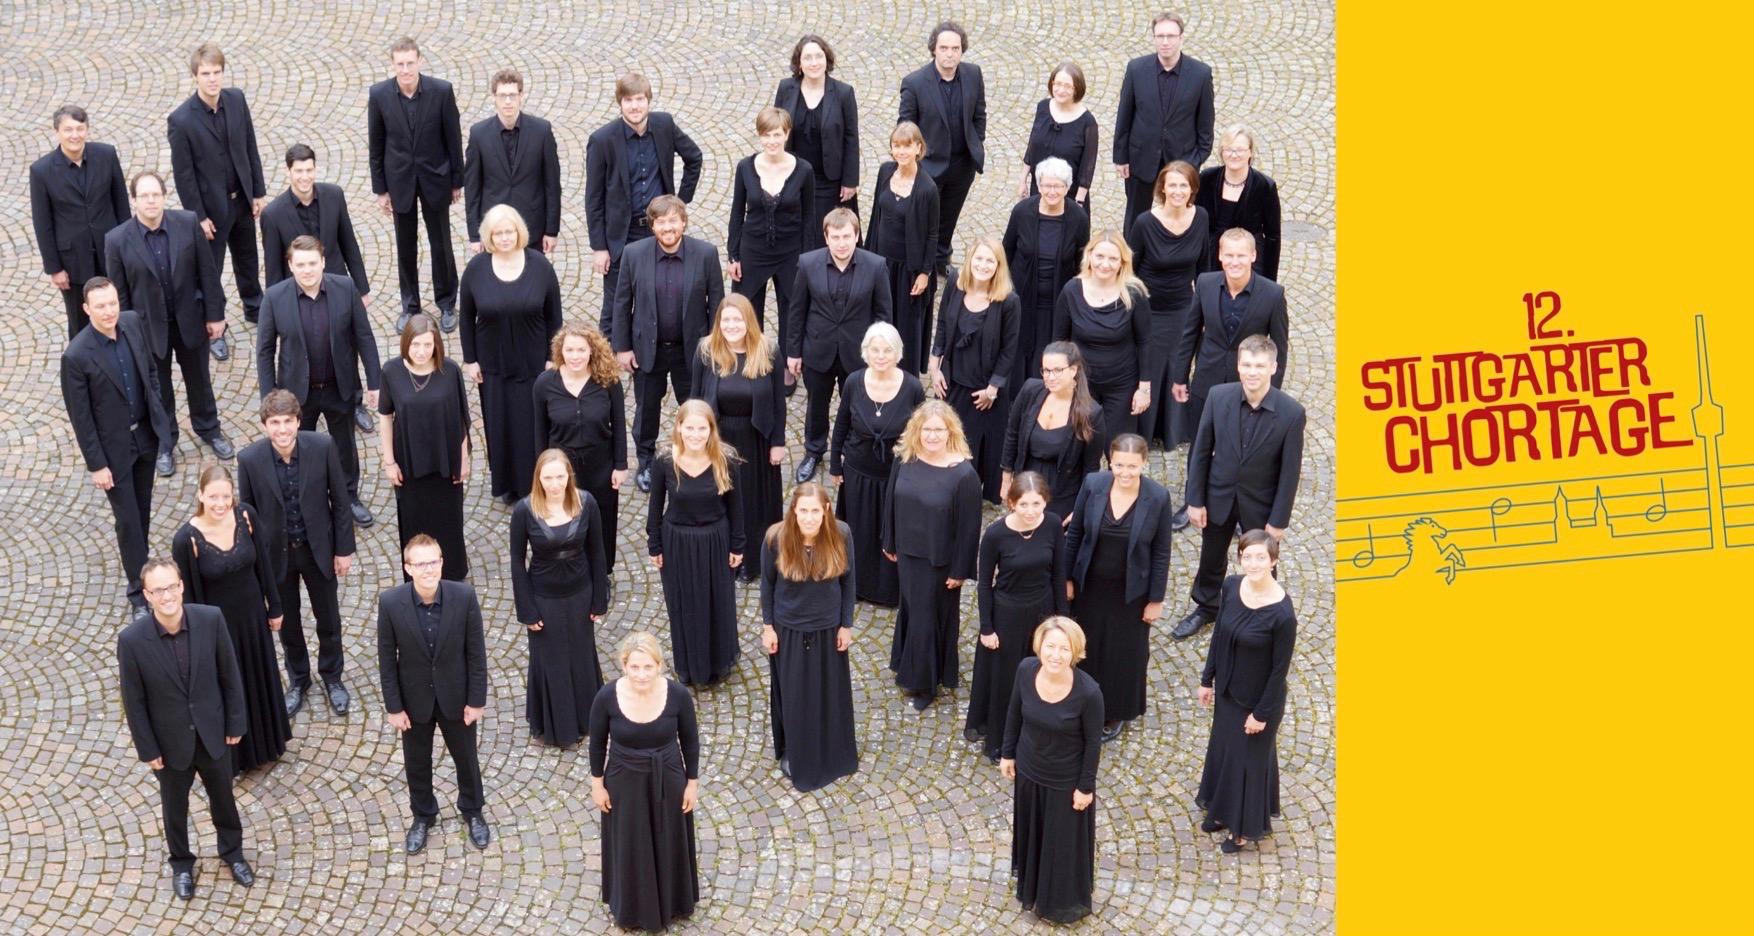 Konzert: Ode an die Nacht – im Rahmen der 12. Stuttgarter Chortage ...